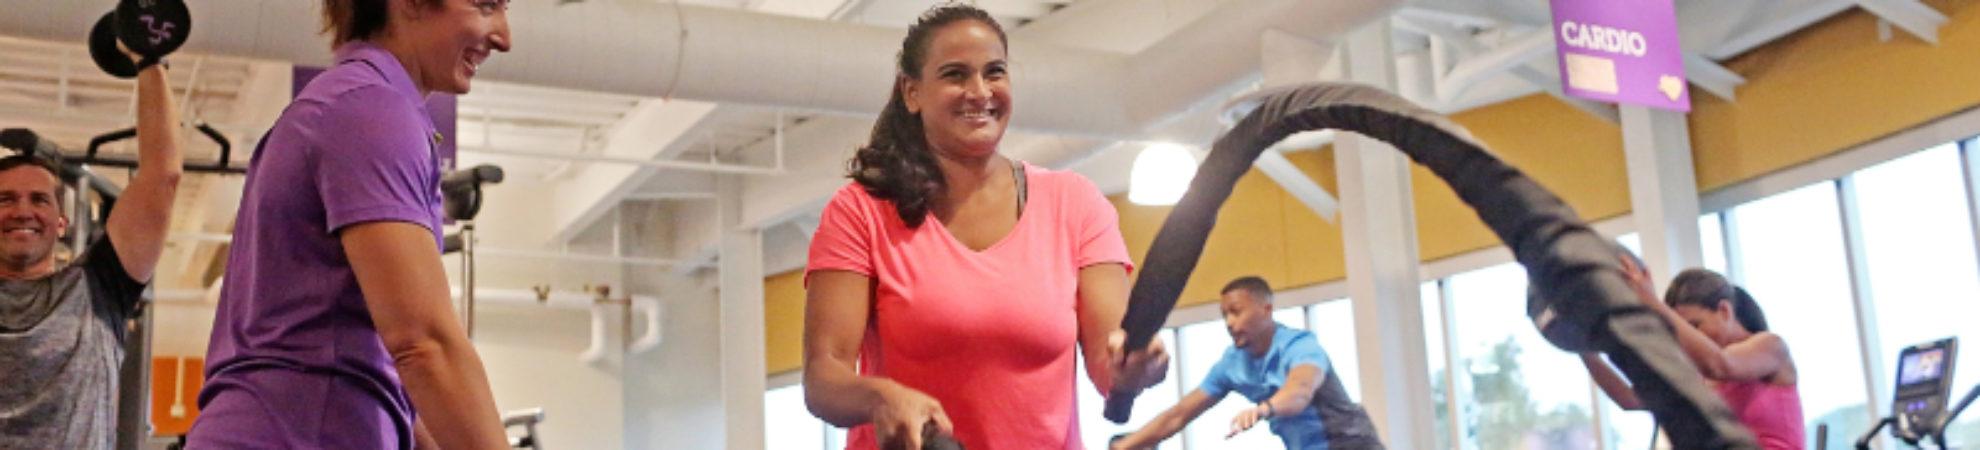 Sesión entrenamiento en AnyTime Fitness